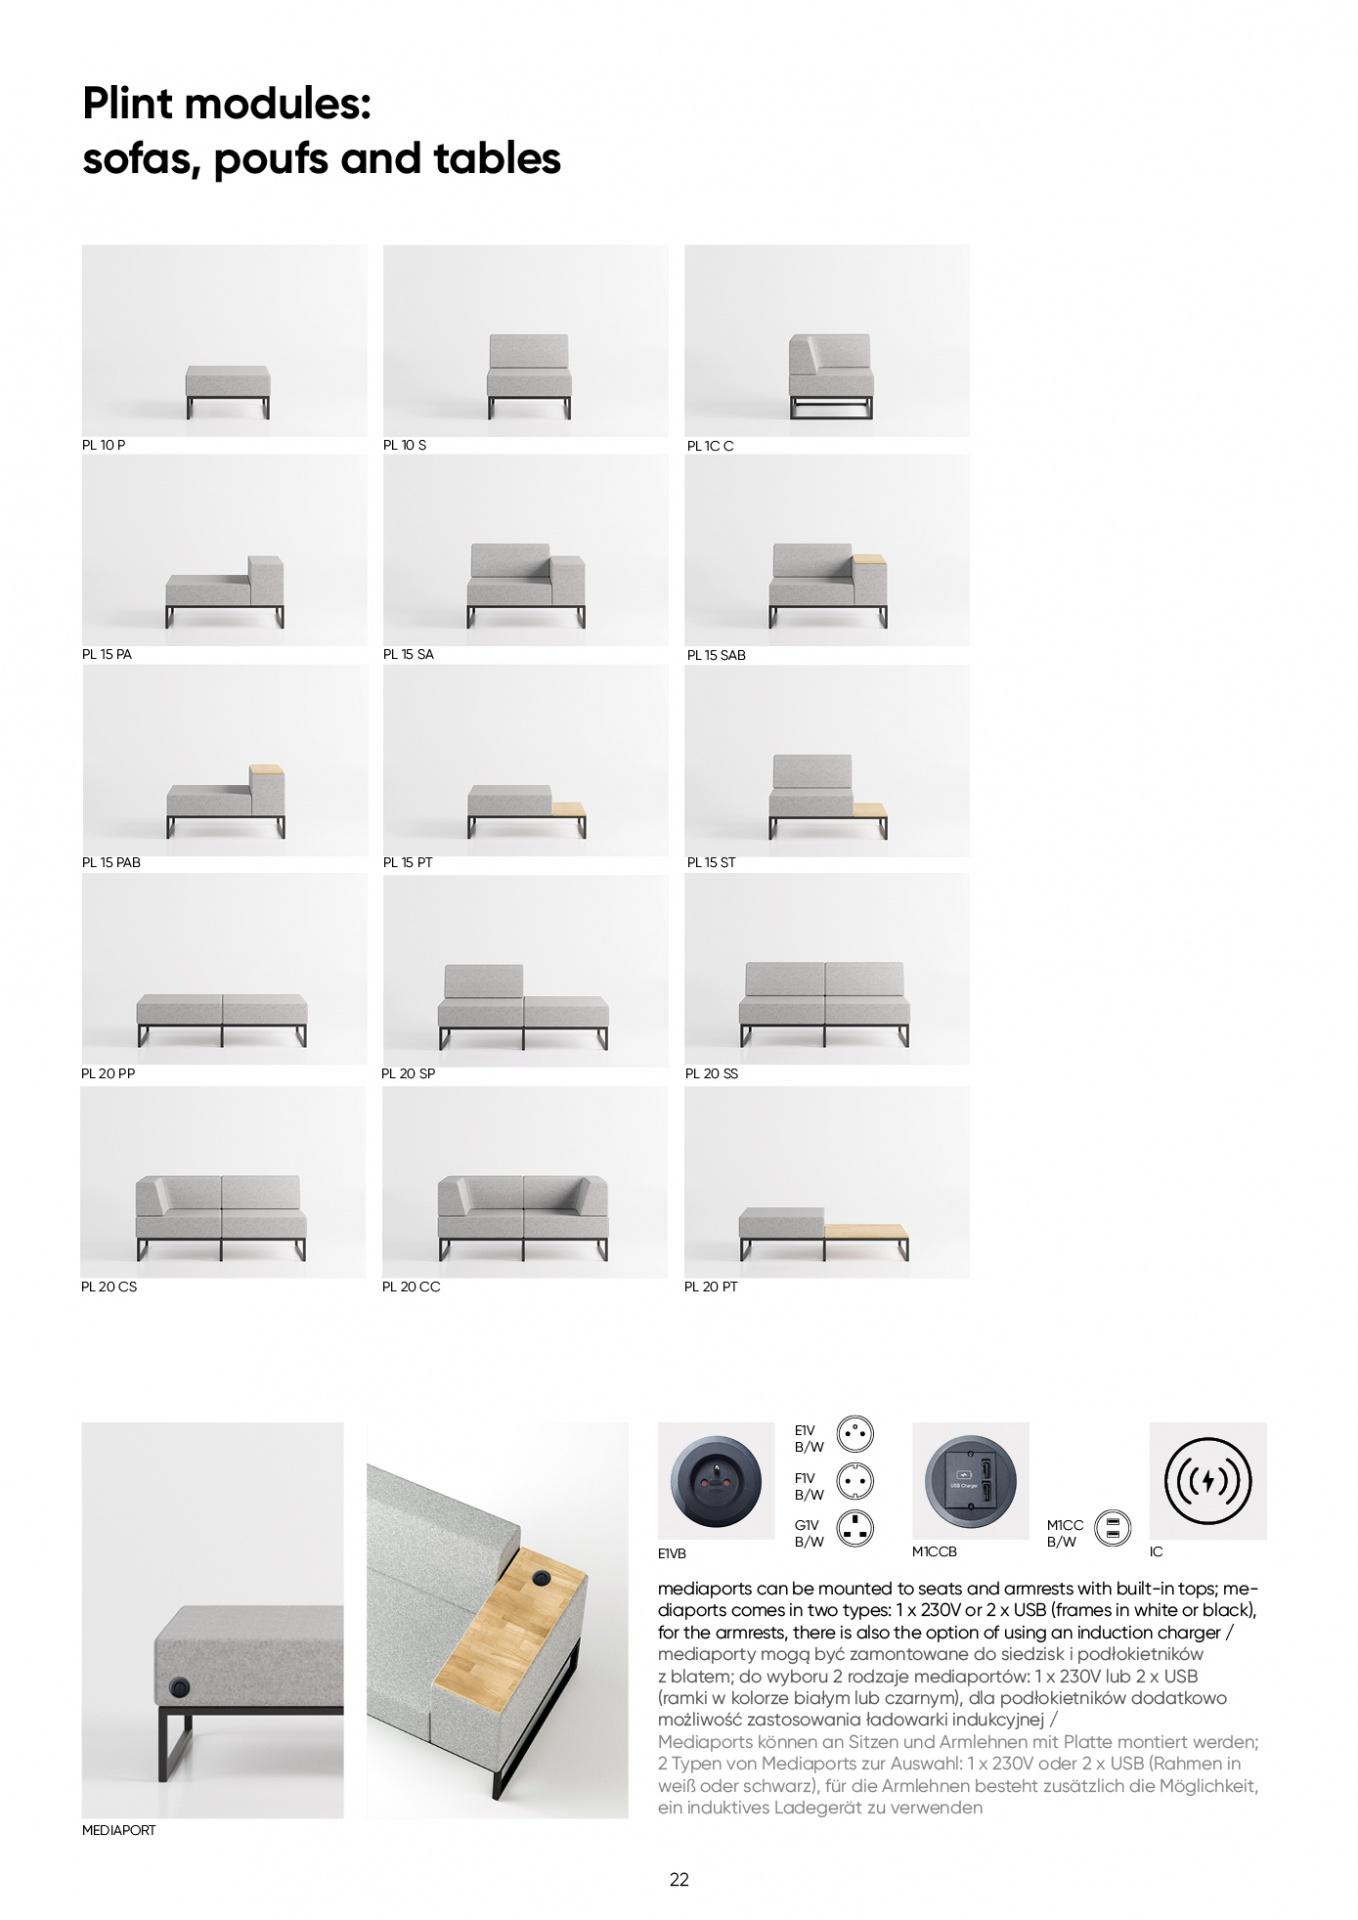 plint-catalogue-v2-22.jpg